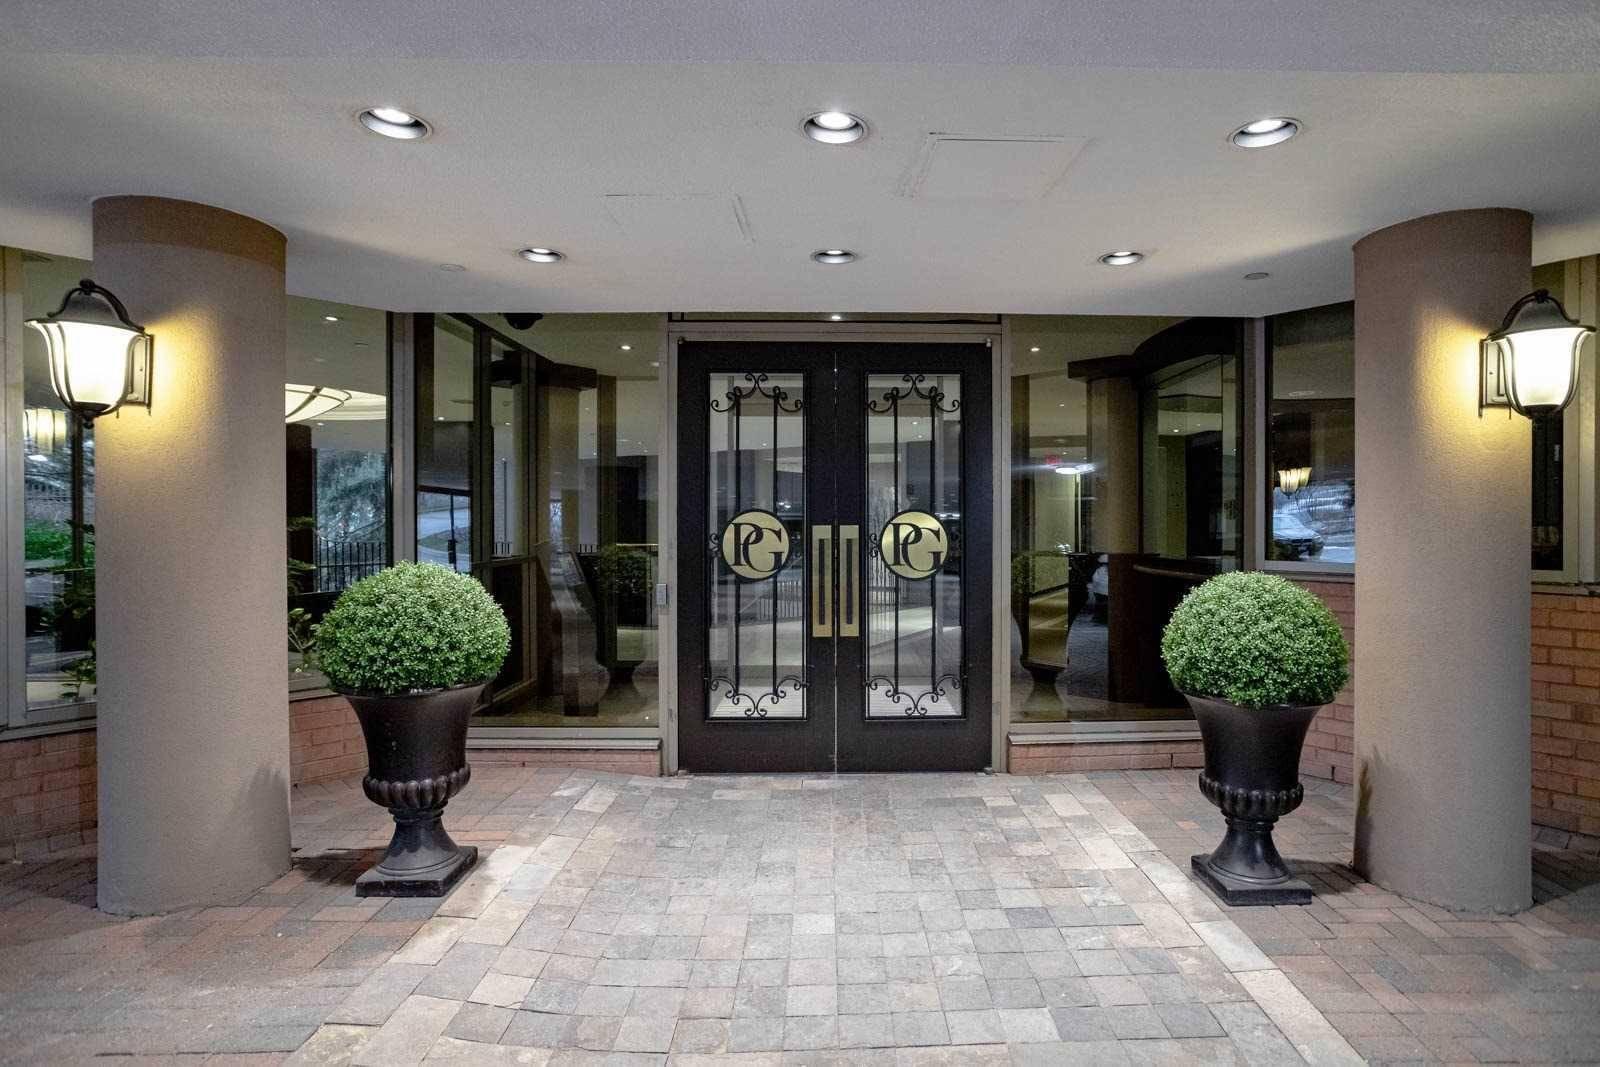 Palace Gate Condos: 3181 Bayview Avenue, Toronto, ON